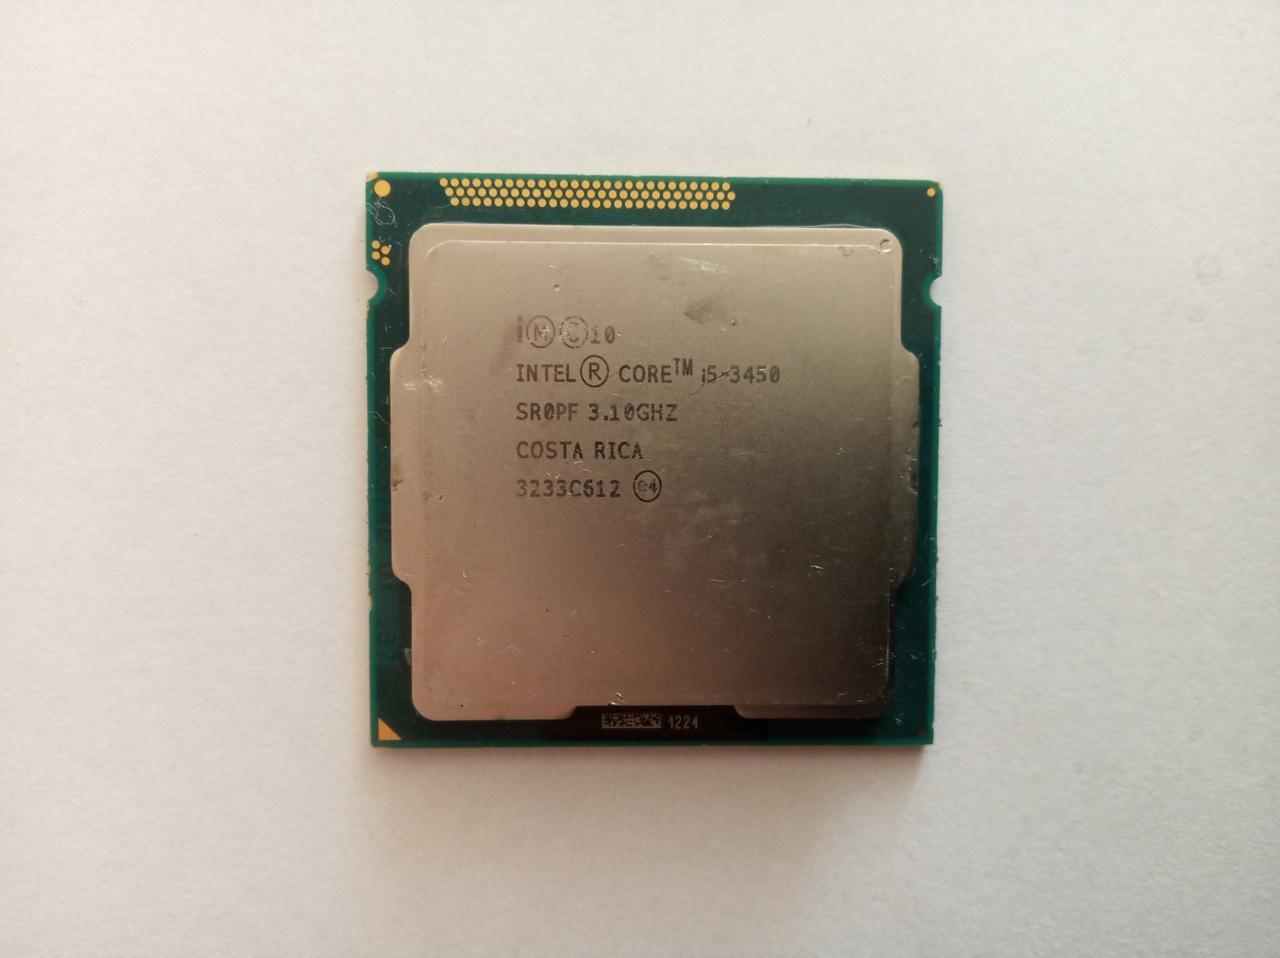 Процессор Intel Core i5-3450 4 ядра 3,10 GHz/ 6Mb Кеш/5 GT/s/HD Graphics 2500/ s1155